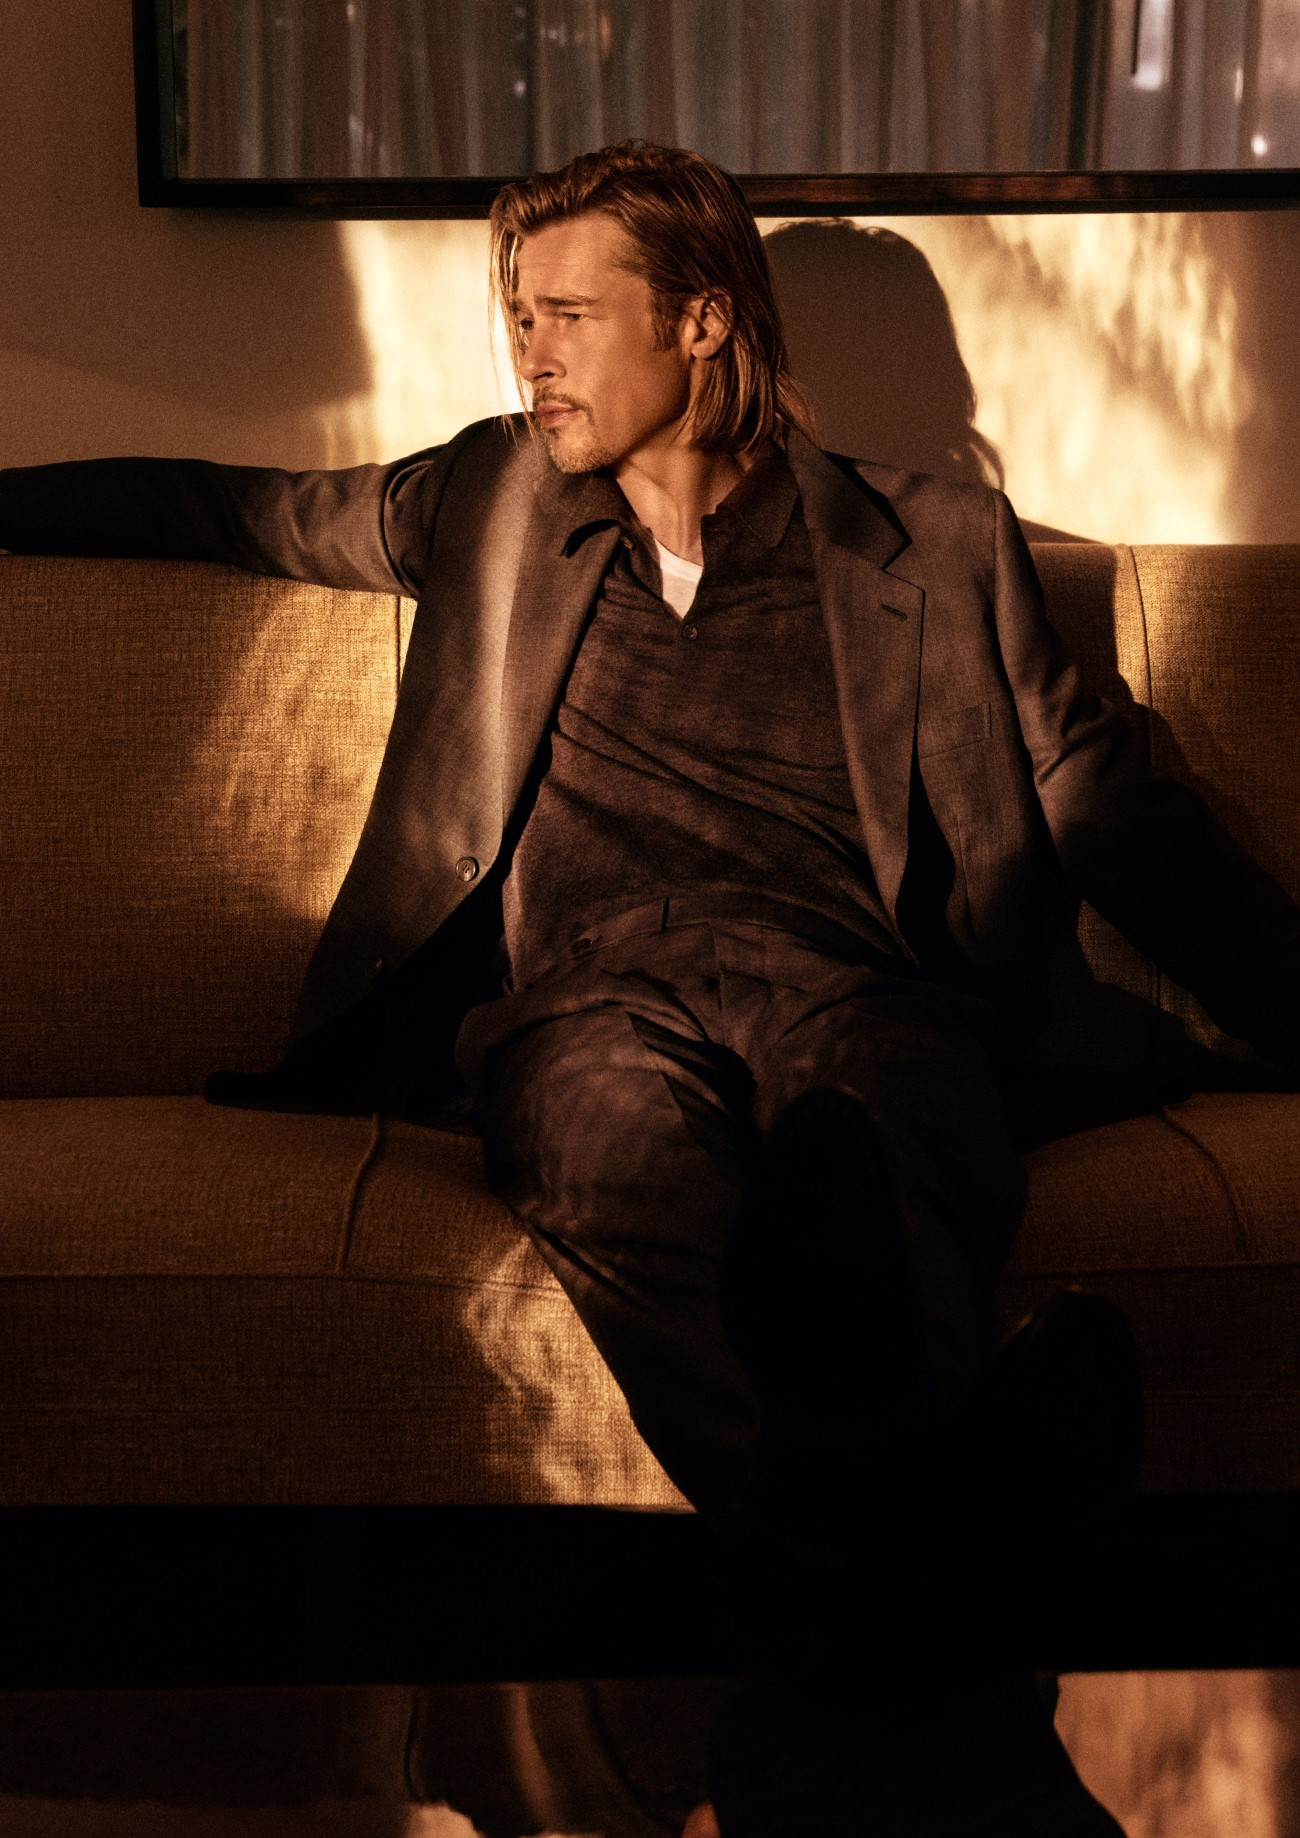 Brioni x Brad Pitt